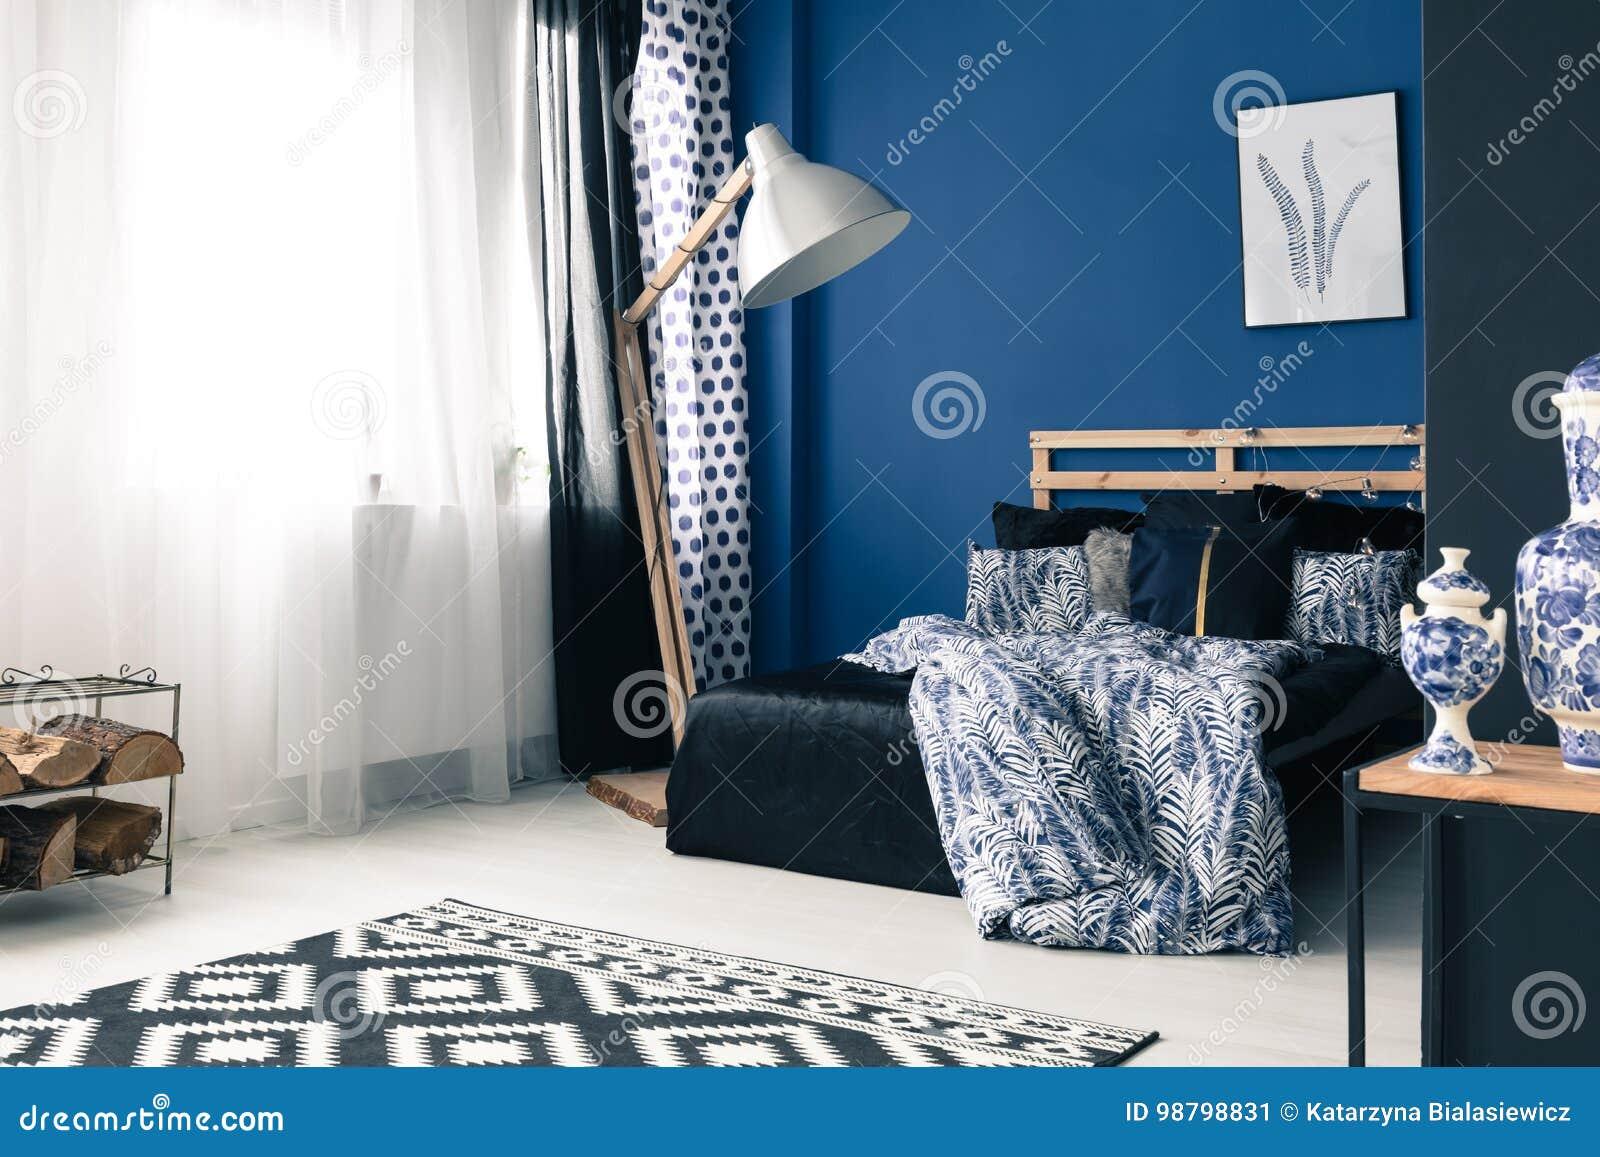 Camera Da Letto Blu Cobalto : Camera da letto calmante con la parete del cobalto immagine stock